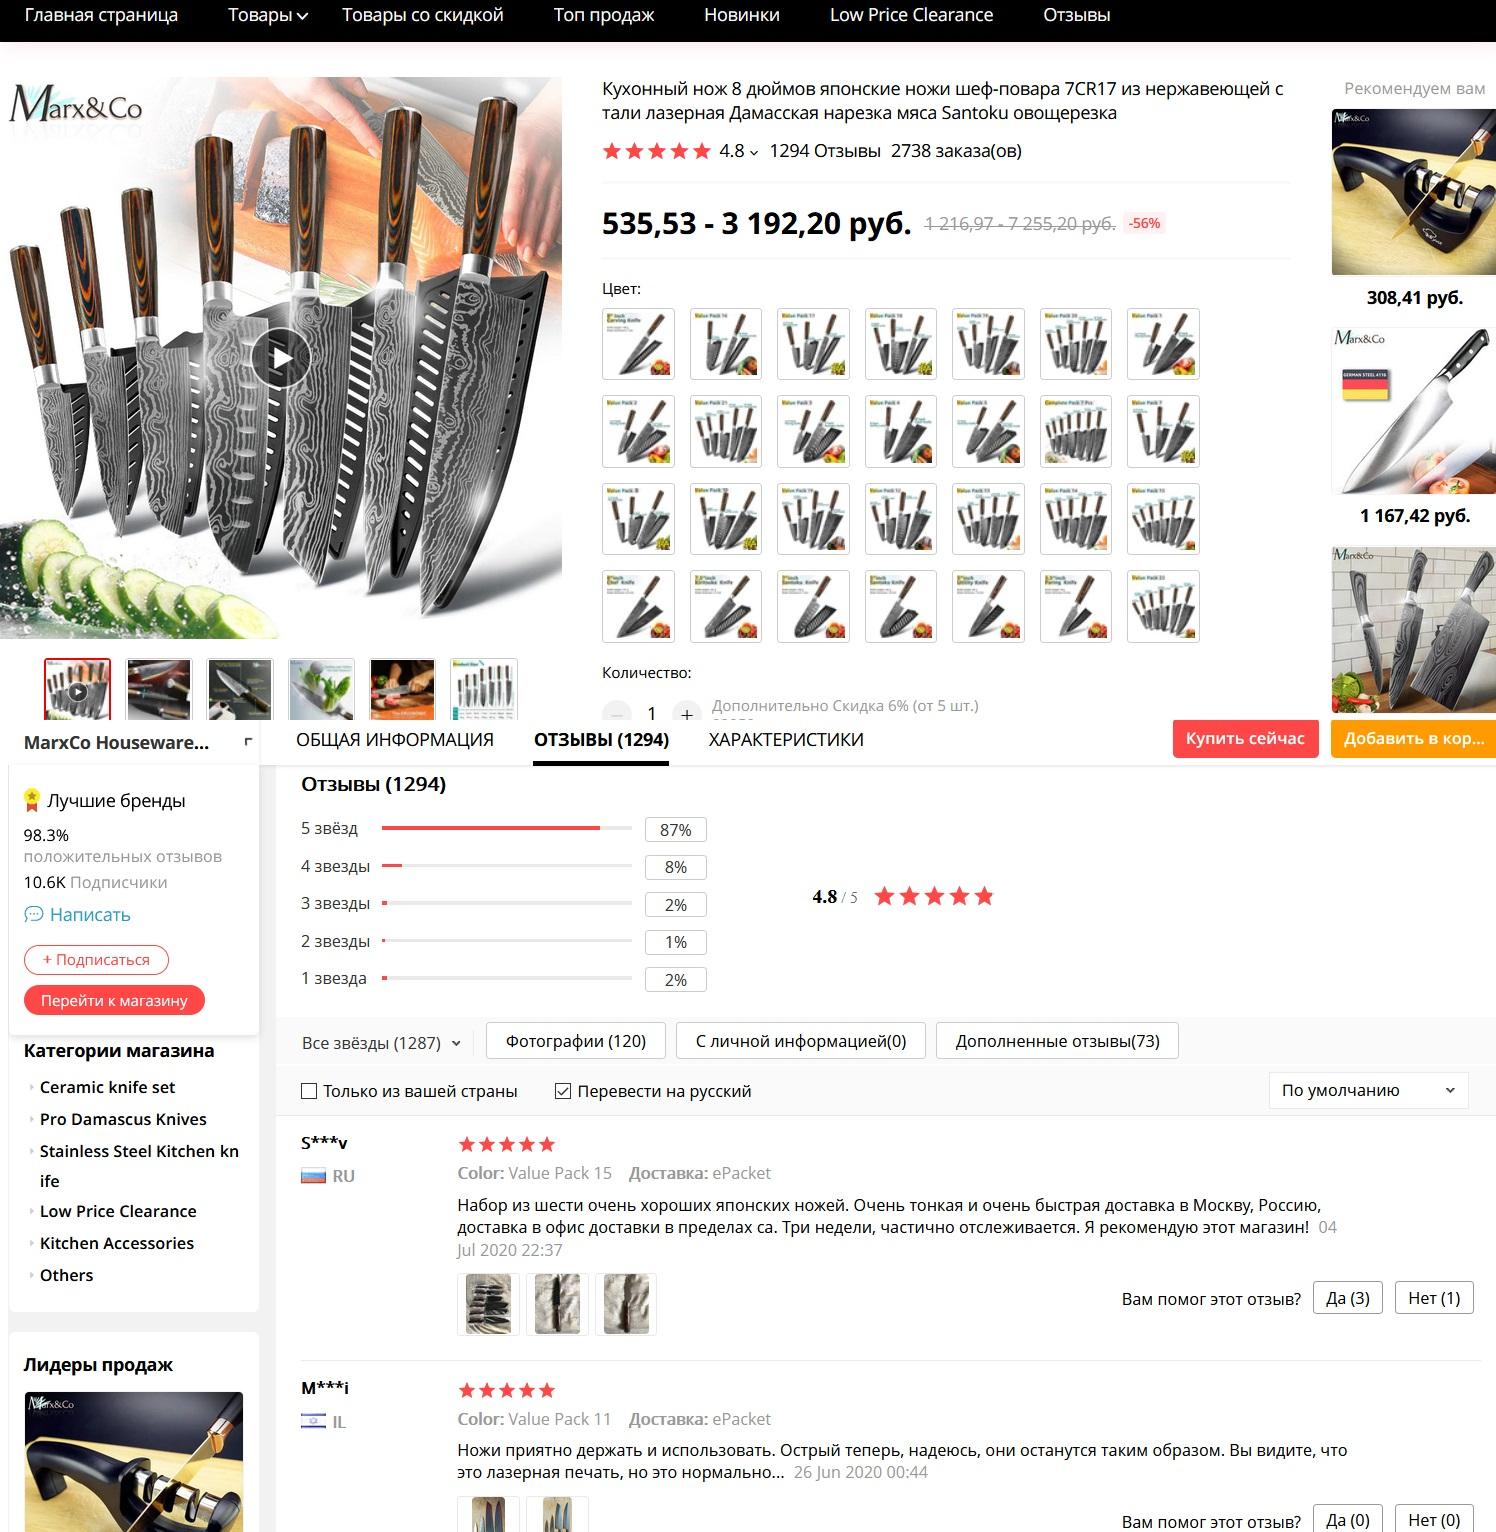 Набор ножей MYVIT